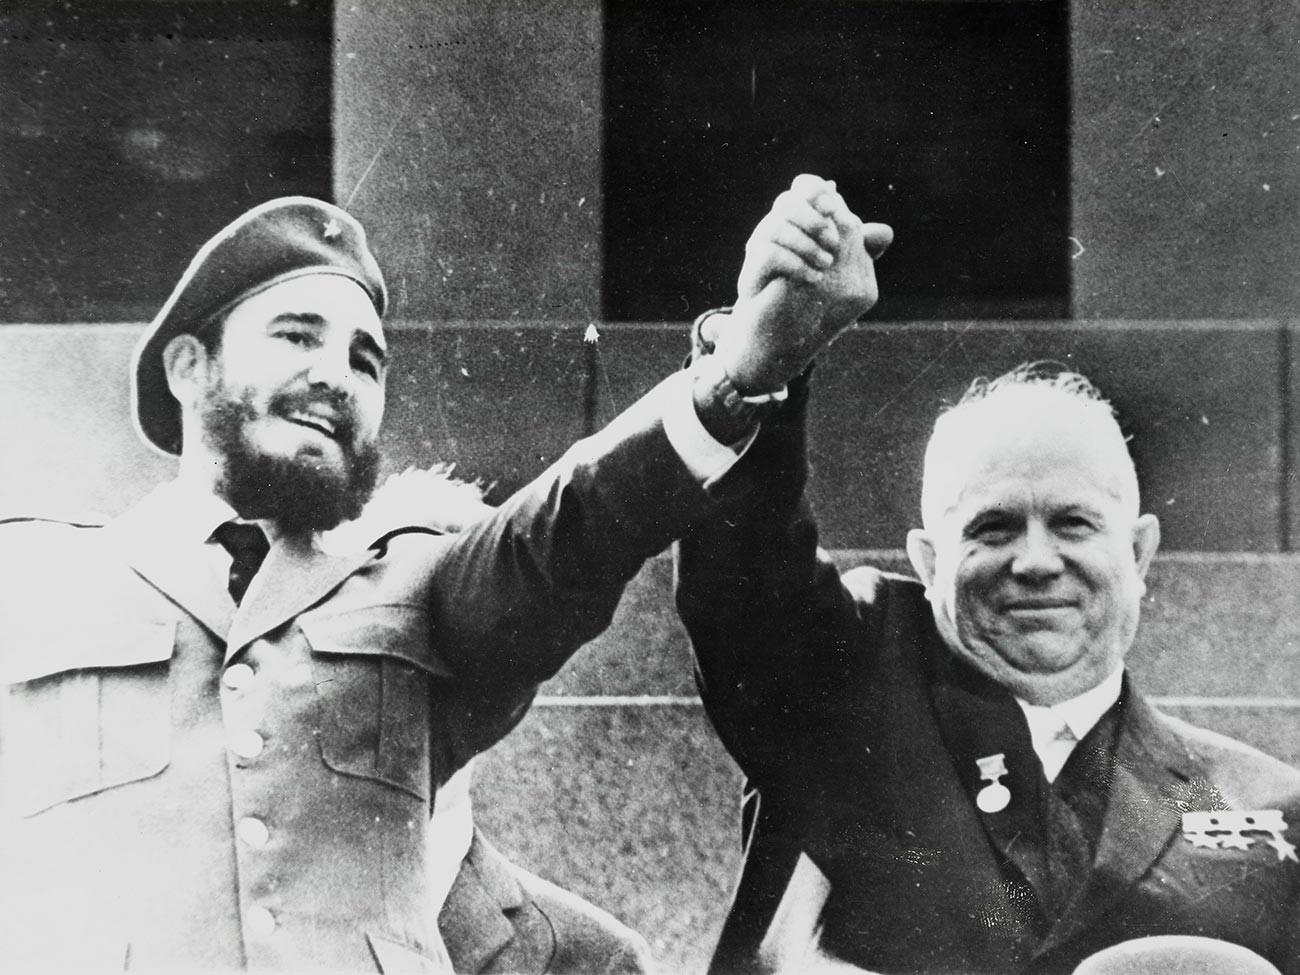 Никита Хрушчов и Фидел Кастро на првомајској паради на Црвеном тргу у Москви.